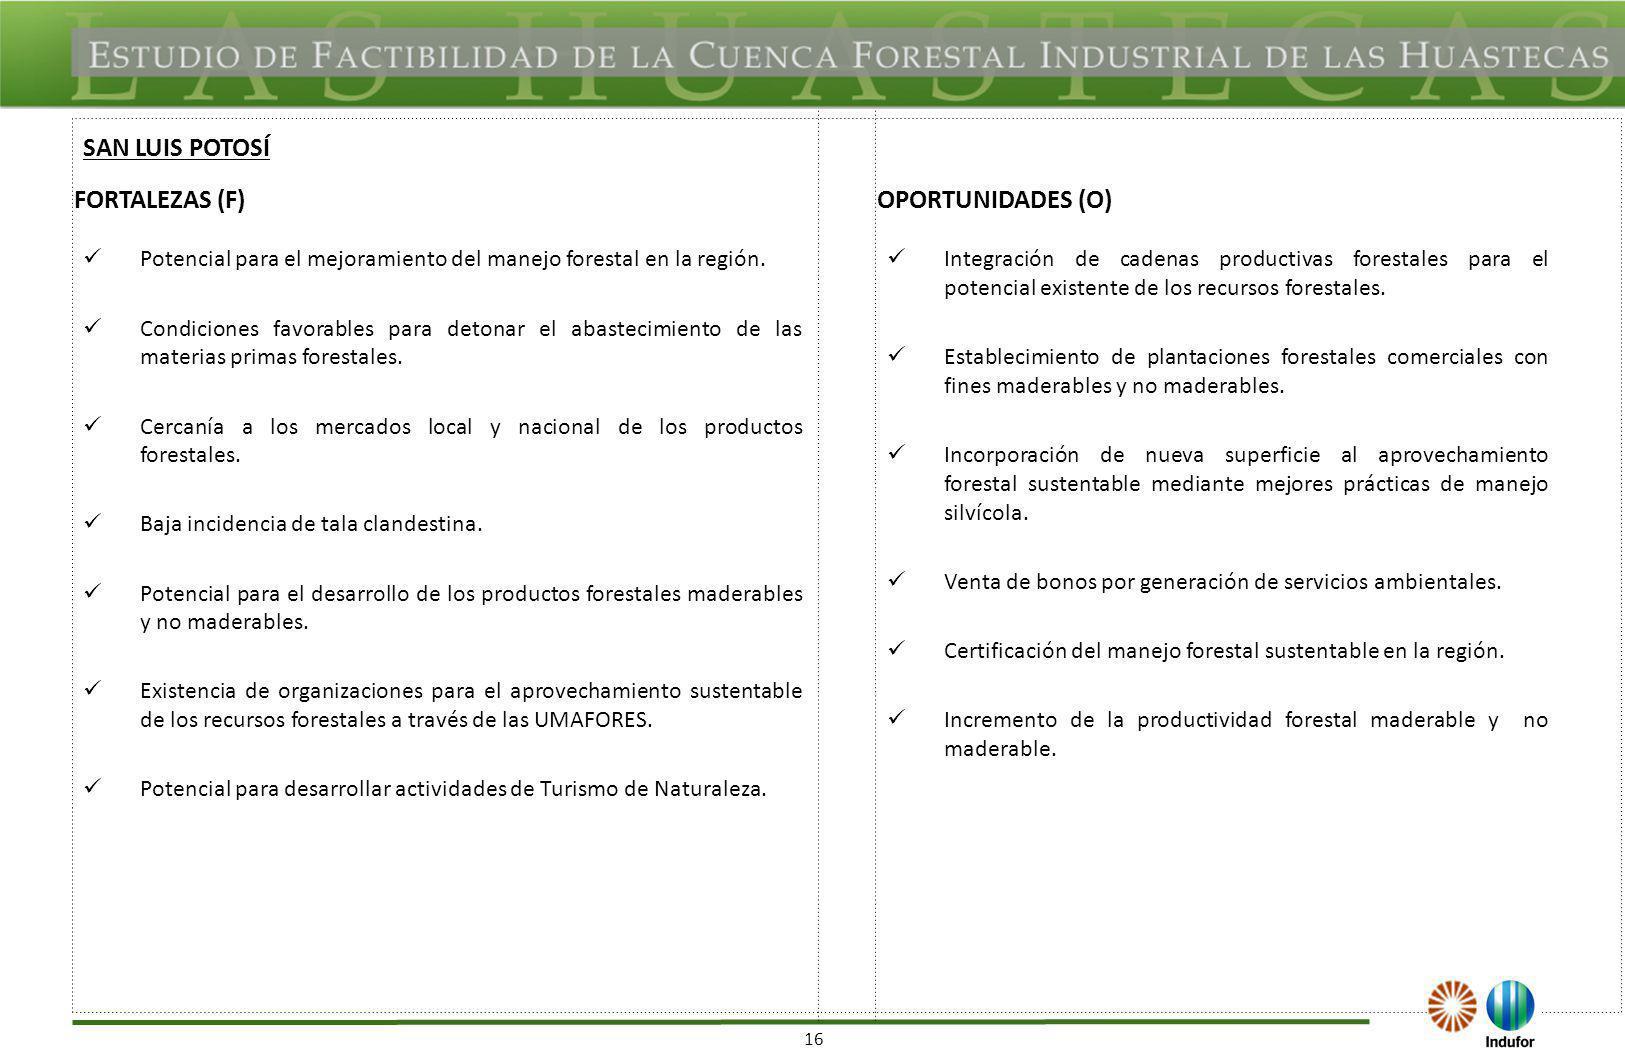 16 FORTALEZAS (F)OPORTUNIDADES (O) Potencial para el mejoramiento del manejo forestal en la región. Condiciones favorables para detonar el abastecimie